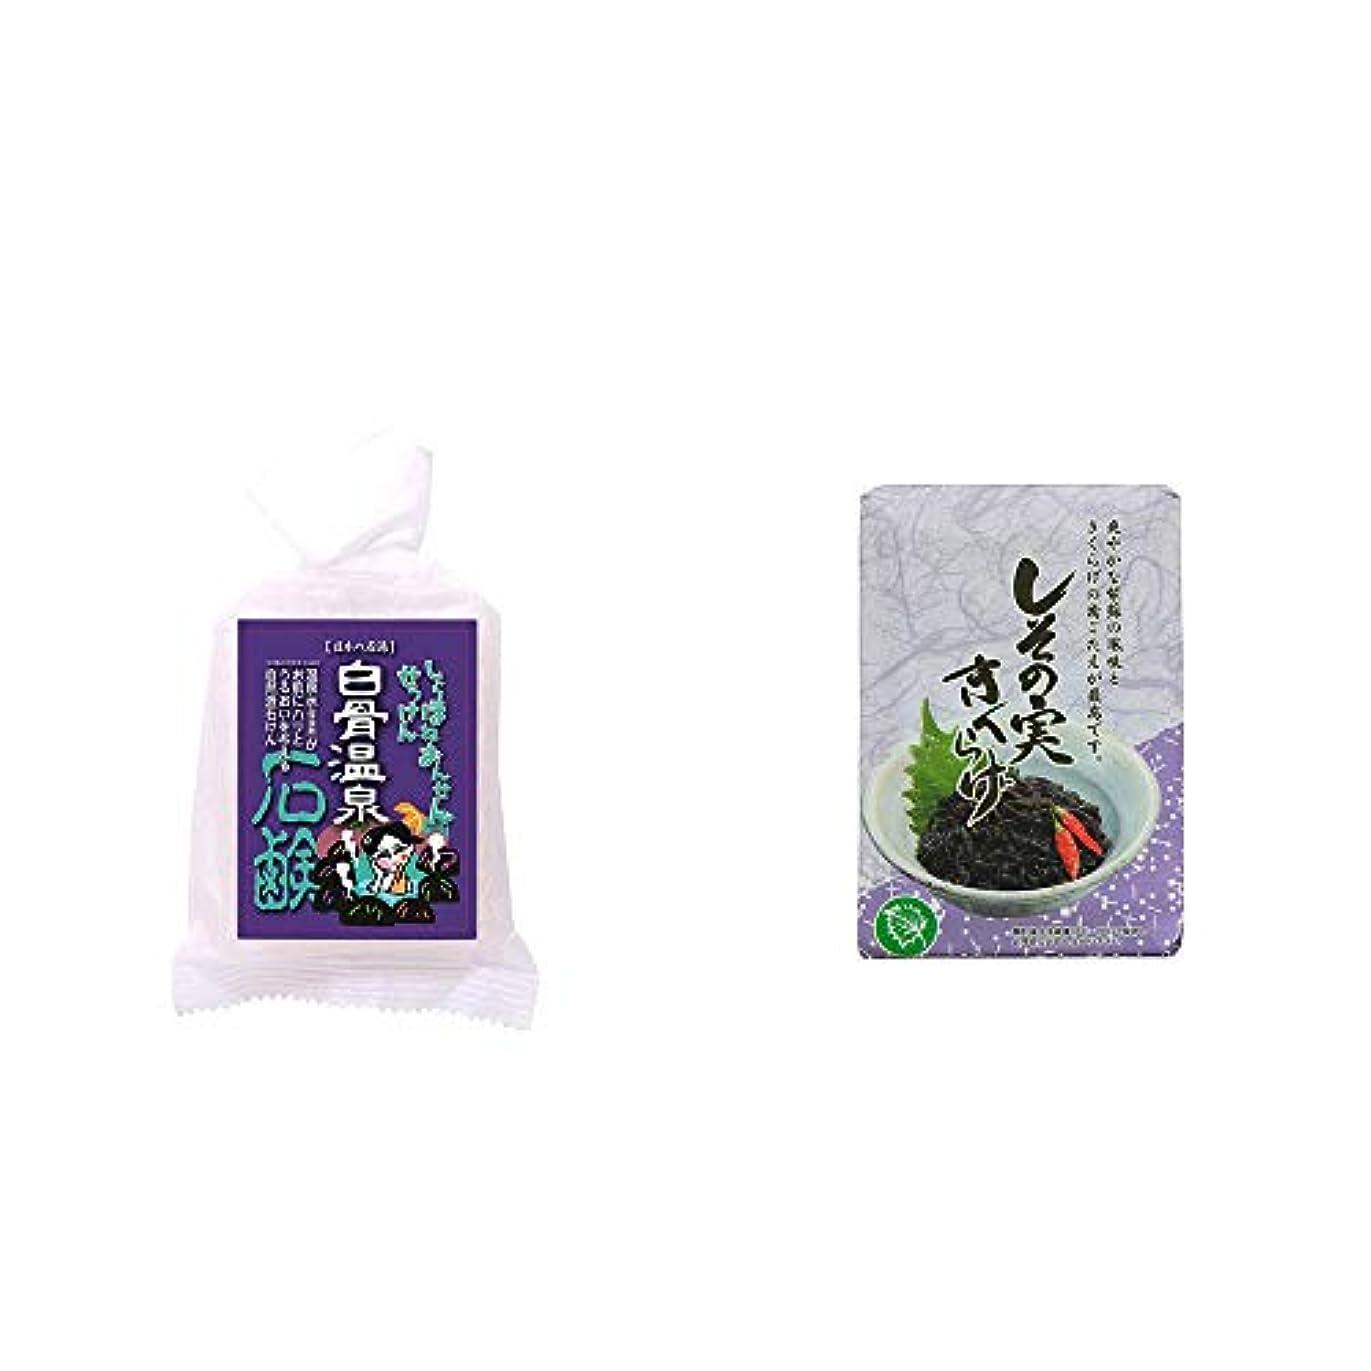 入札カカドゥ贅沢な[2点セット] 信州 白骨温泉石鹸(80g)?しその実 きくらげ(200g)